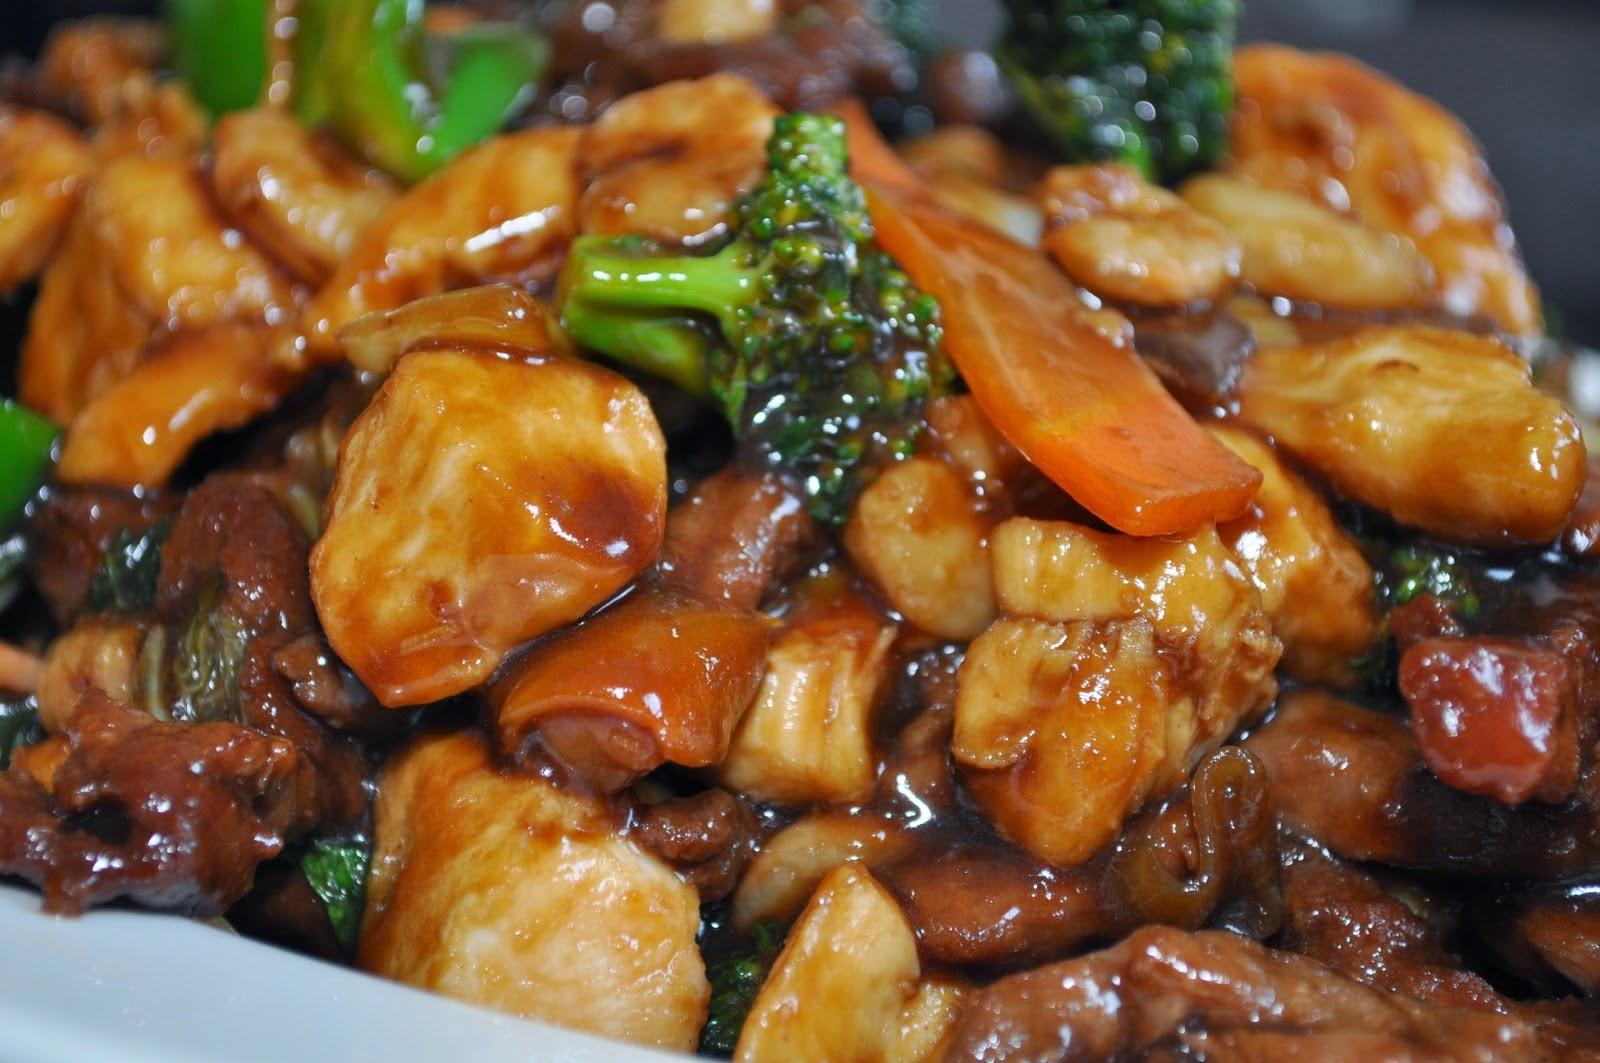 Comidas típicas chinesas, nomes e fotos dos pratos